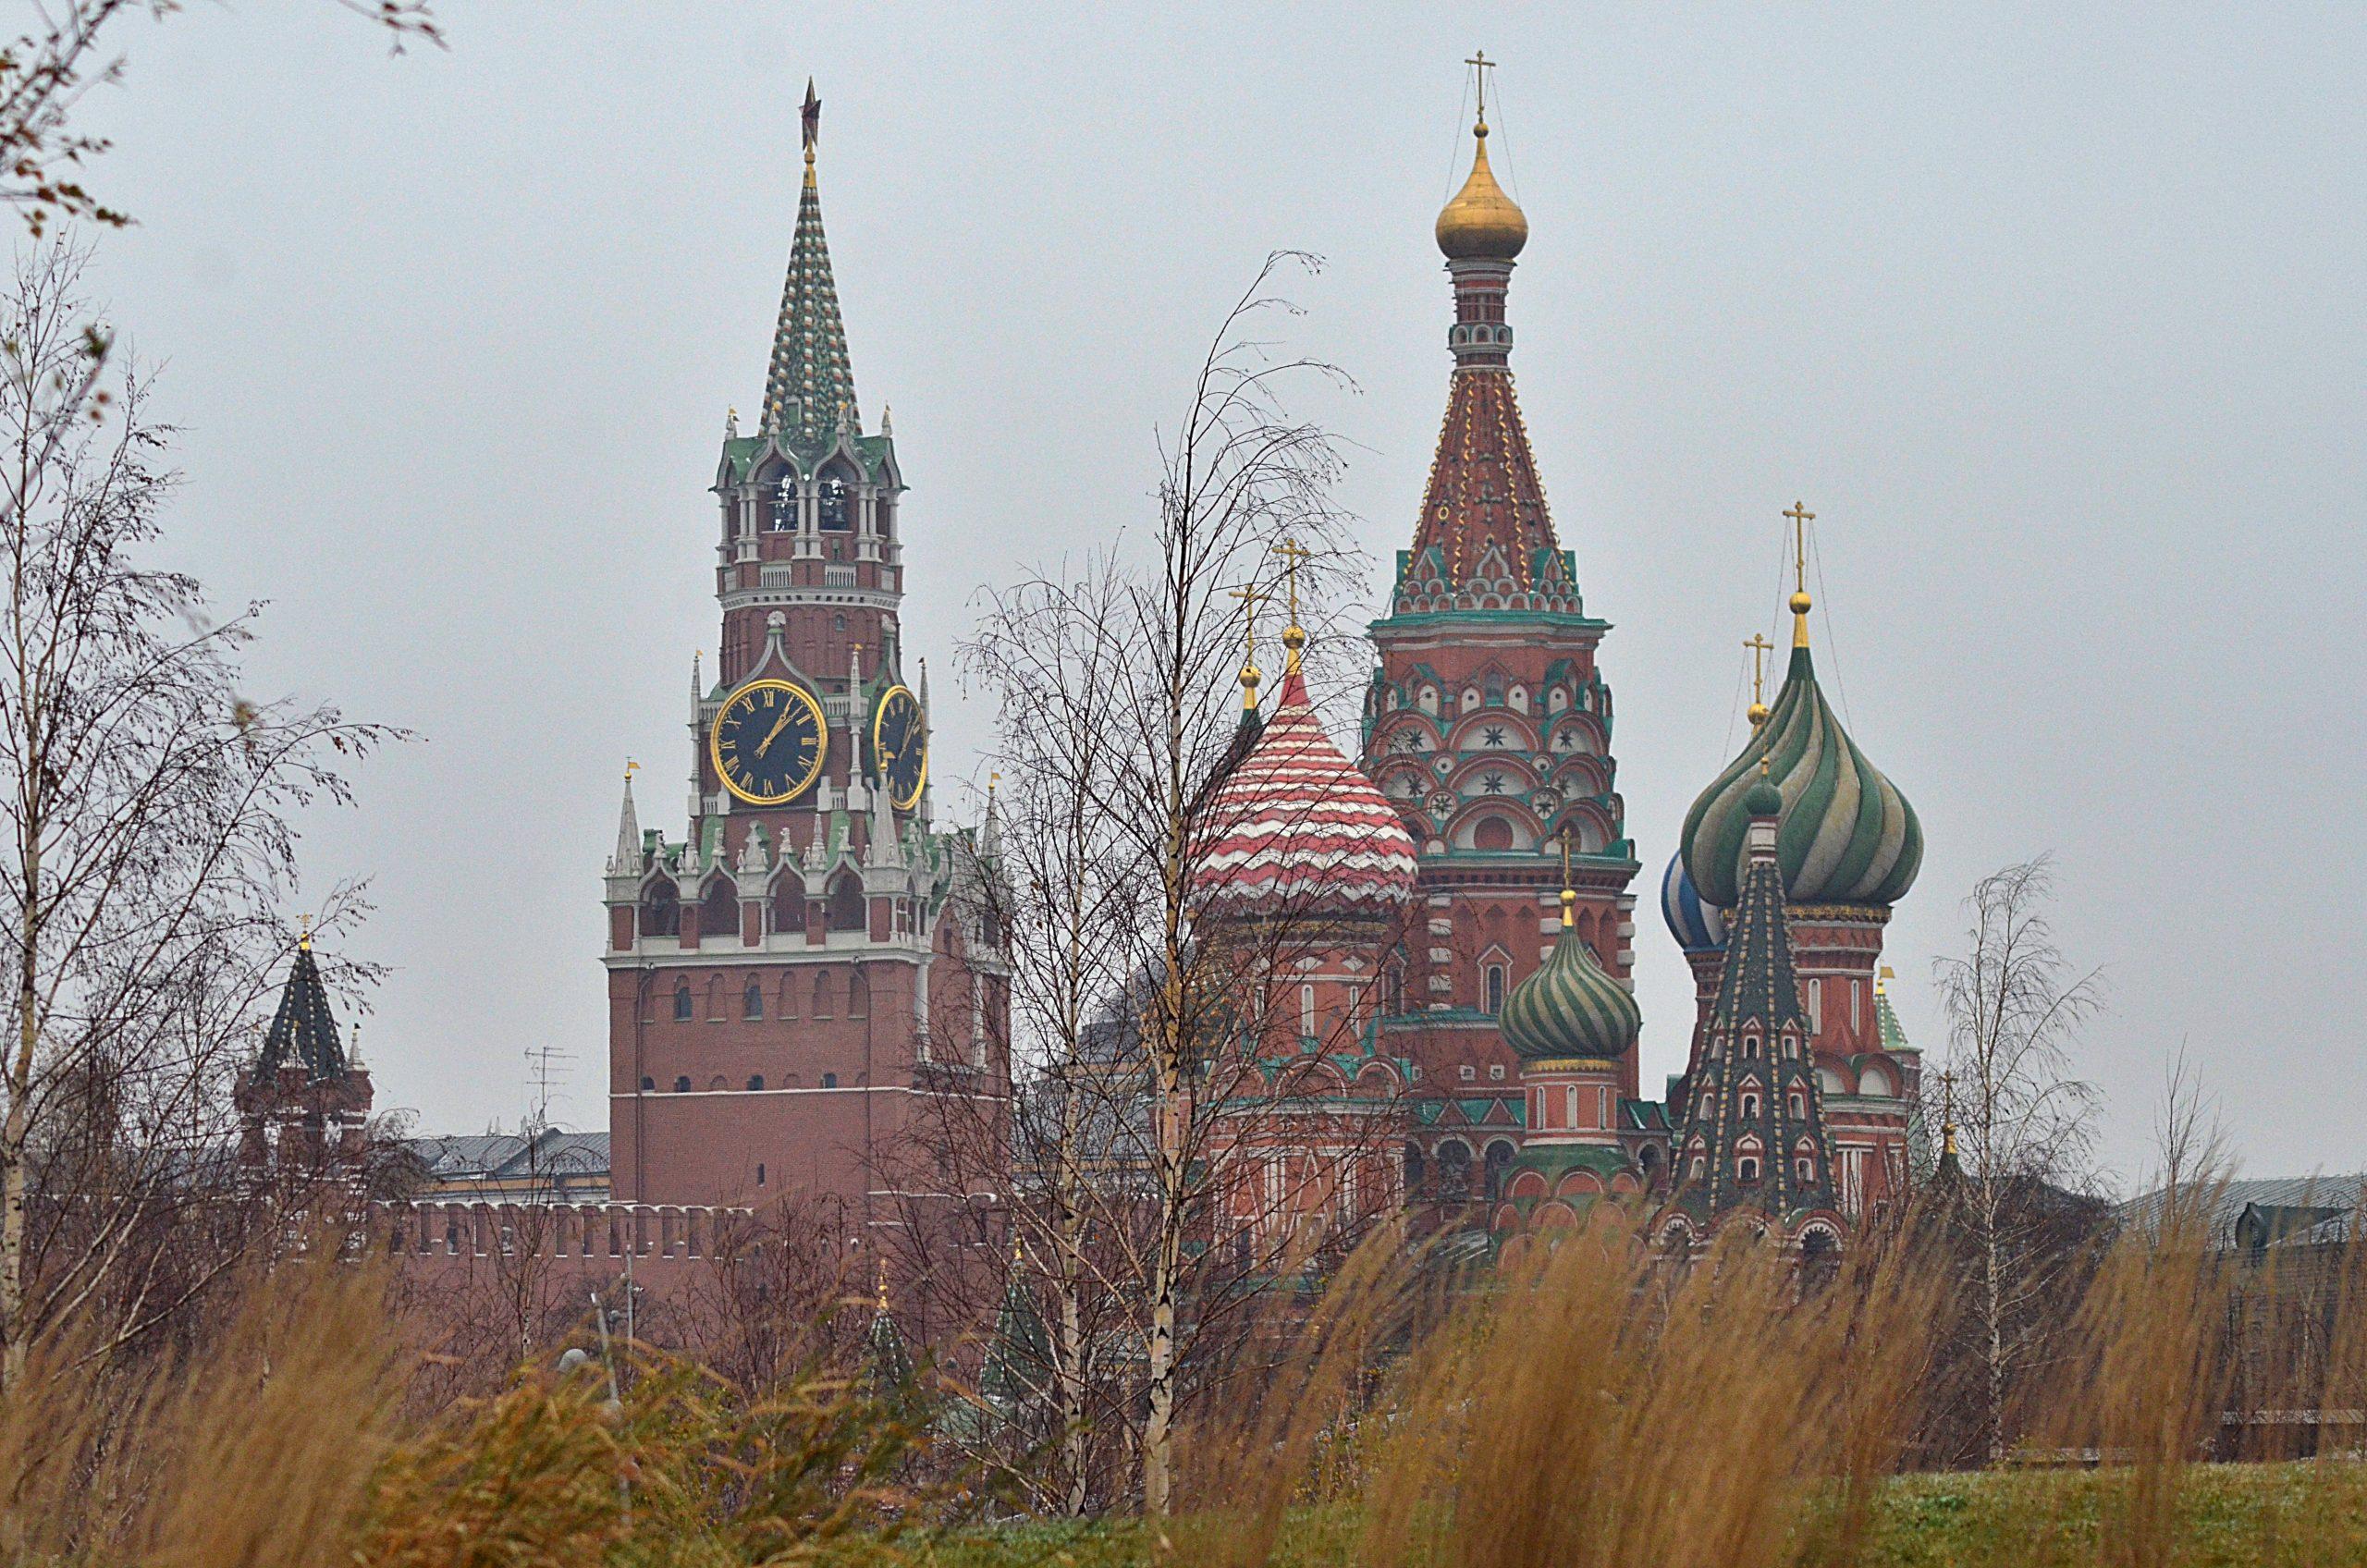 Проблемы киберпреступлений обсудили на международной конференции в Москве